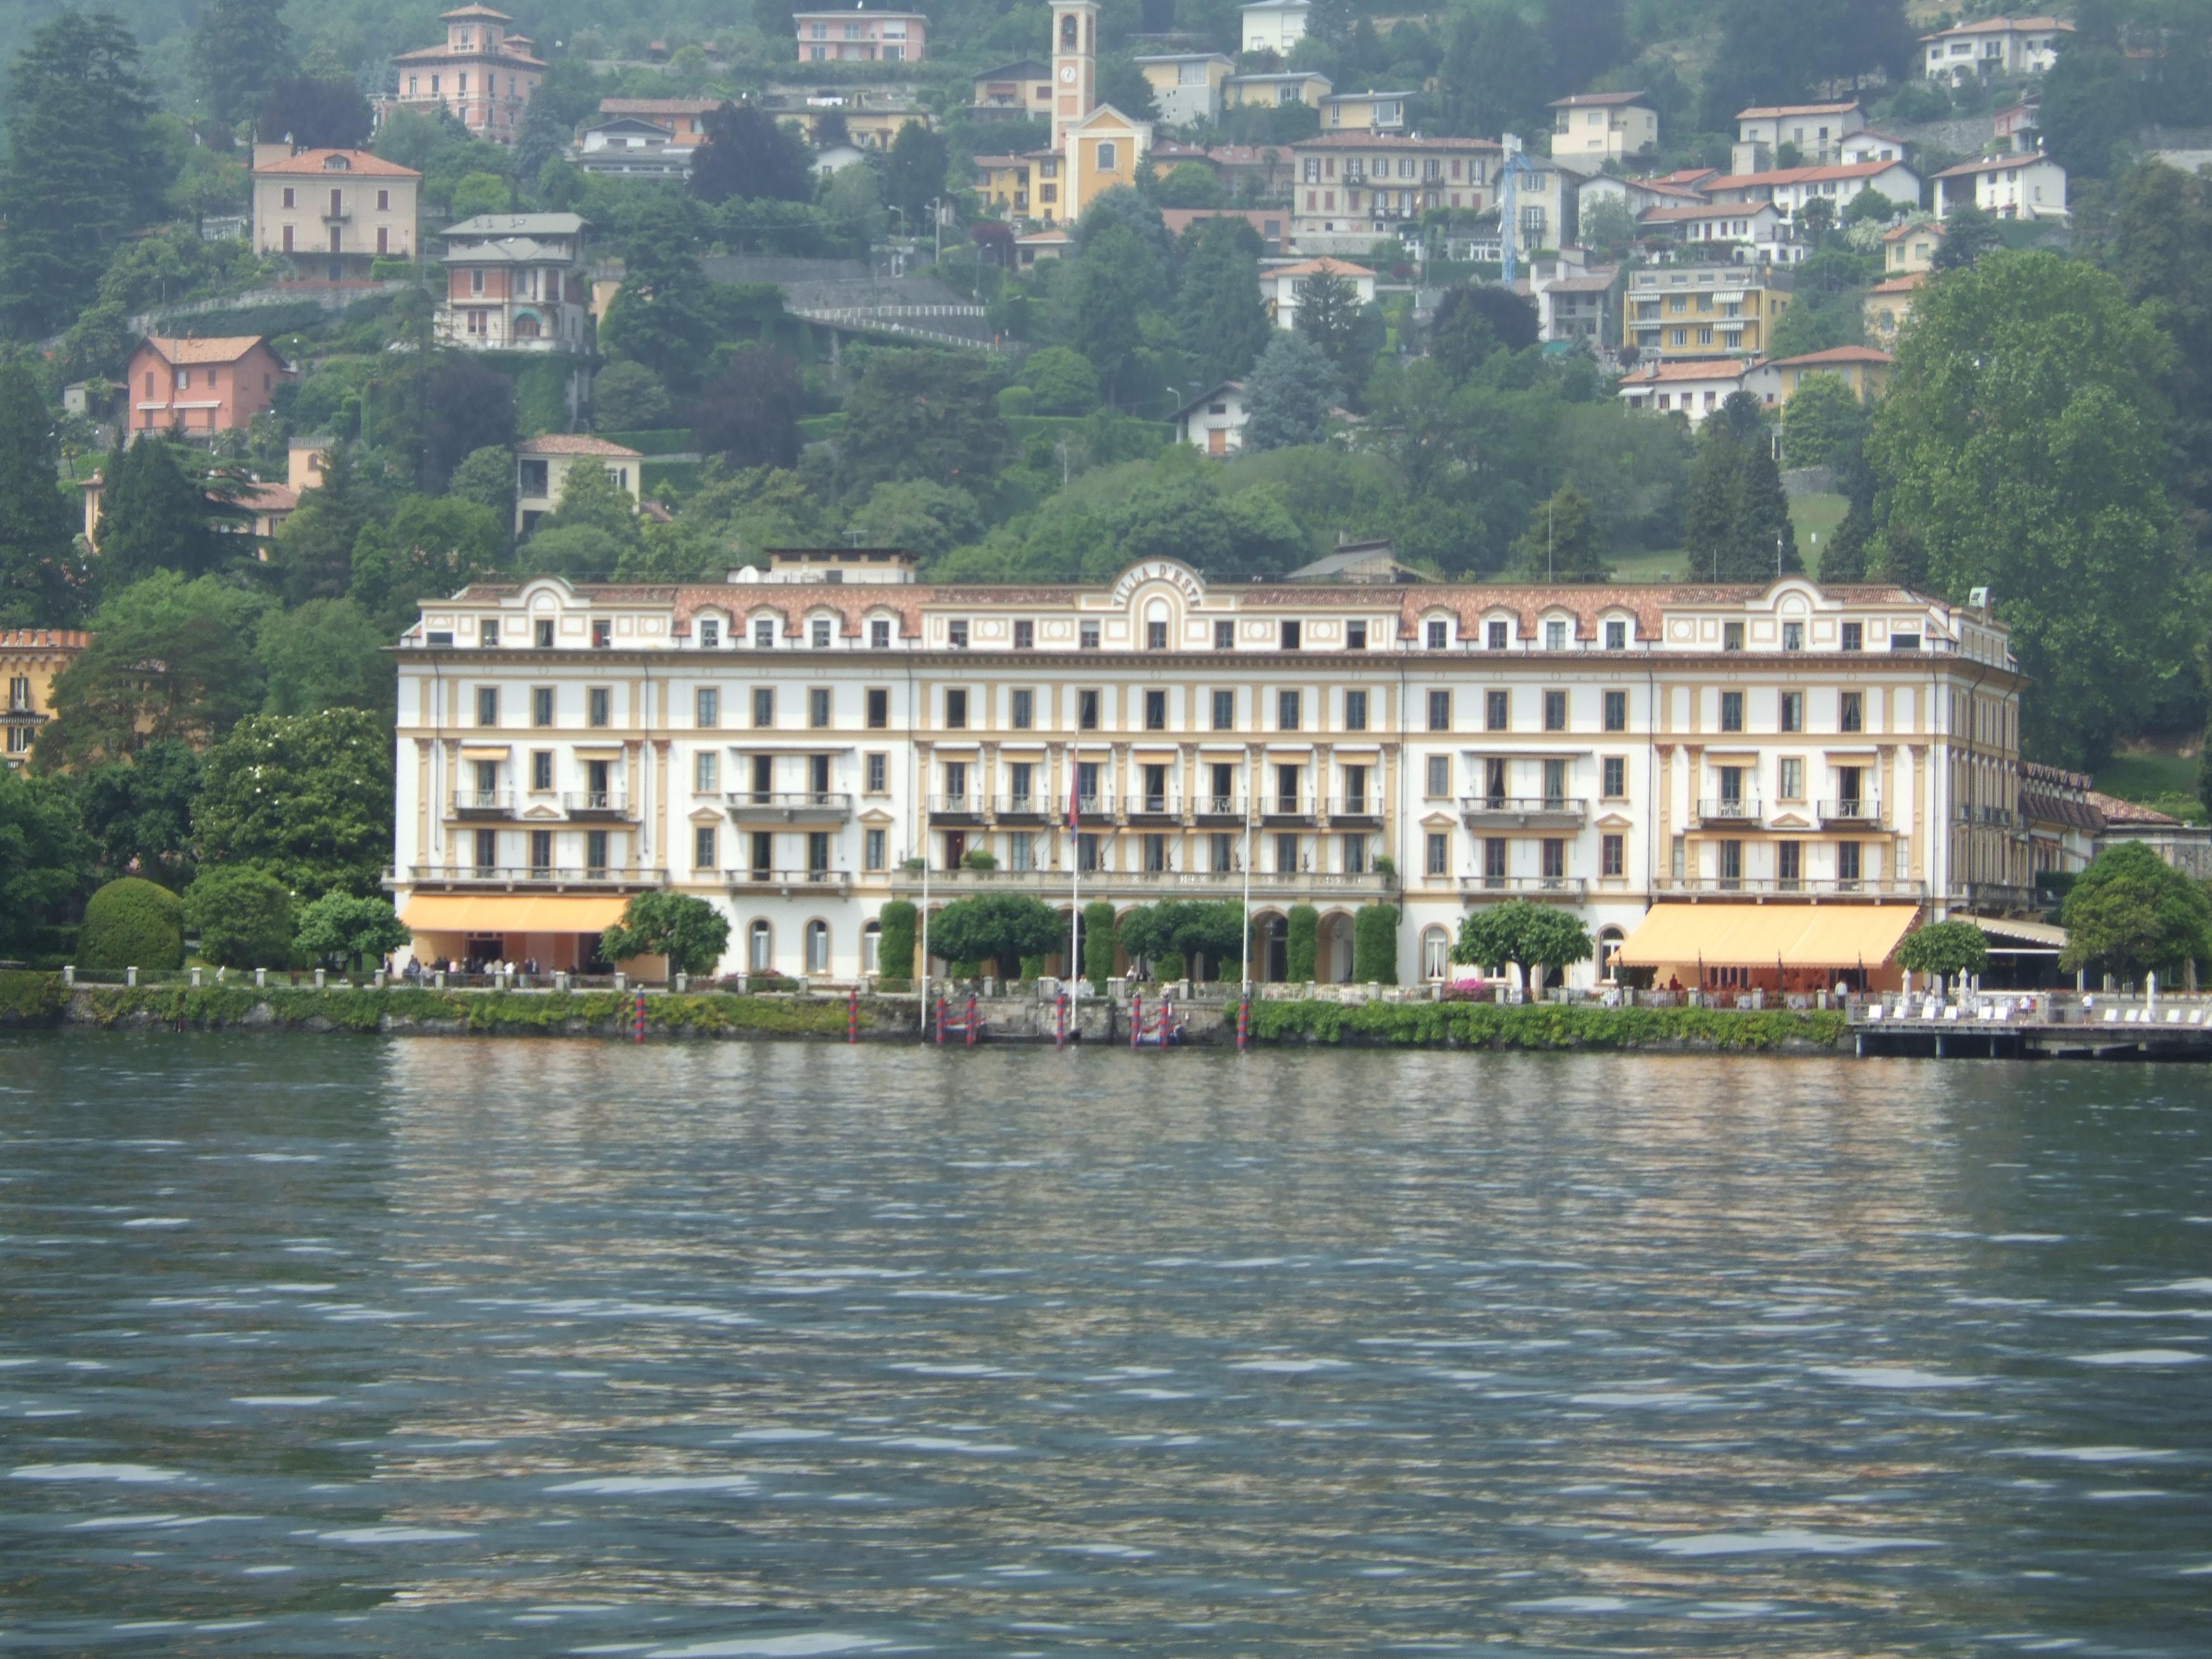 Veduta di Villa d'Este, splendida cornice dell'evento, dal lago di Como.